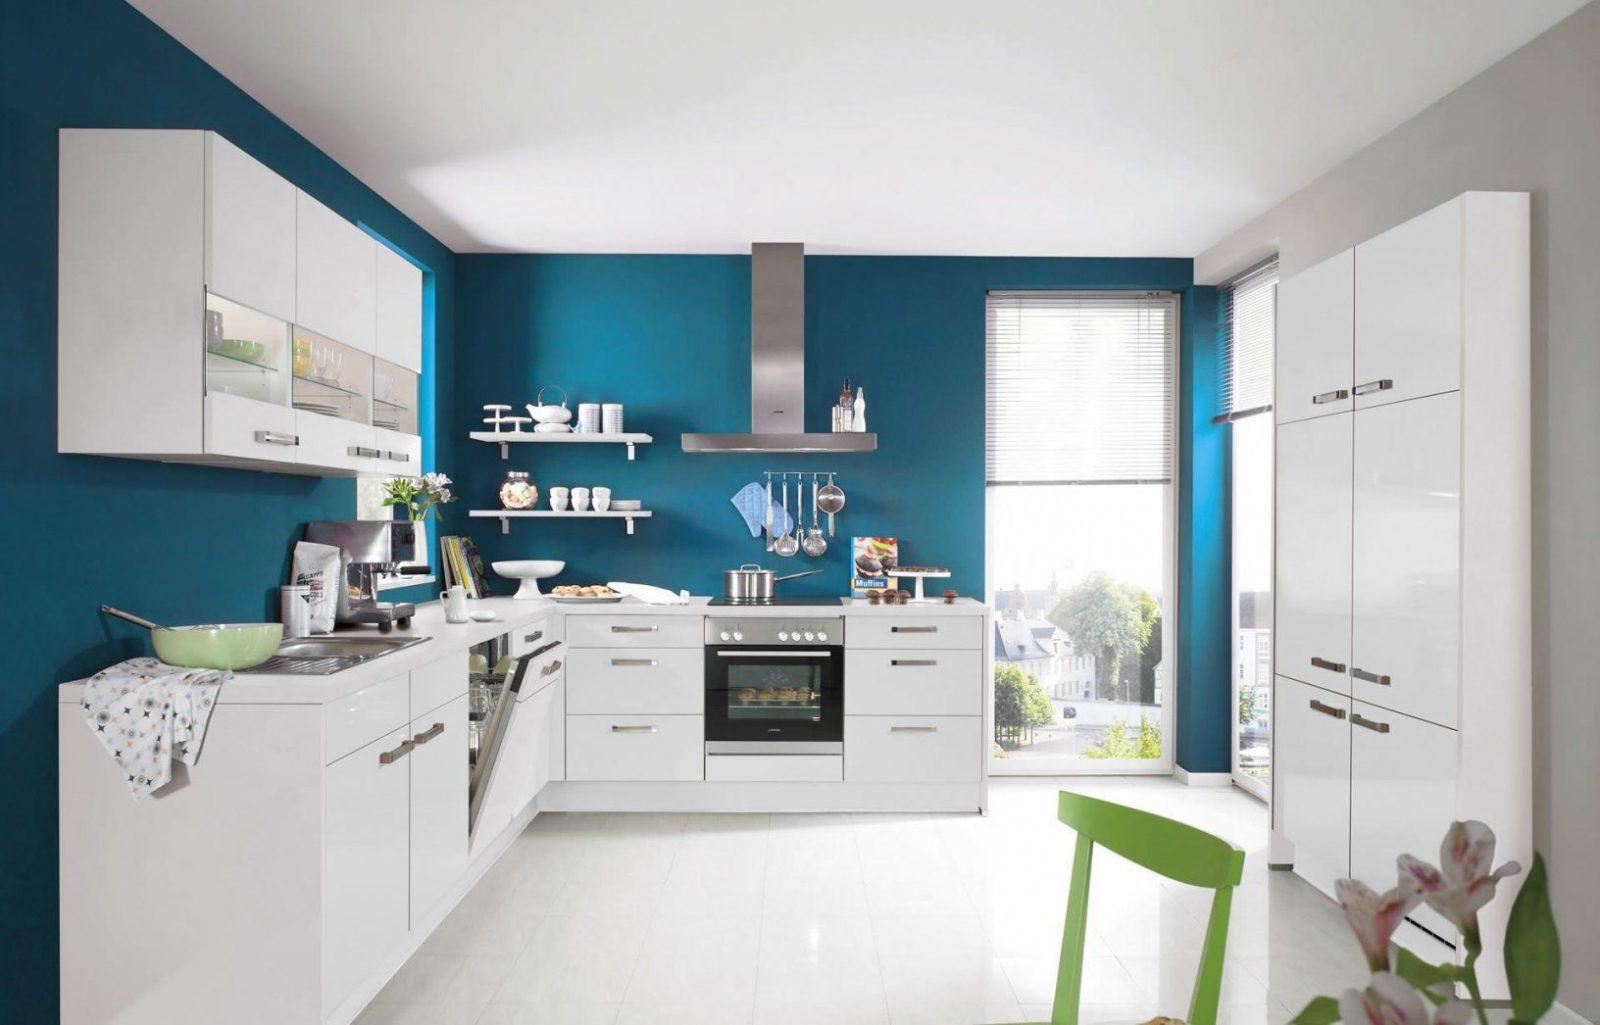 Abwaschbare Farbe Küche von Abwaschbare Farbe Für Küche Bild